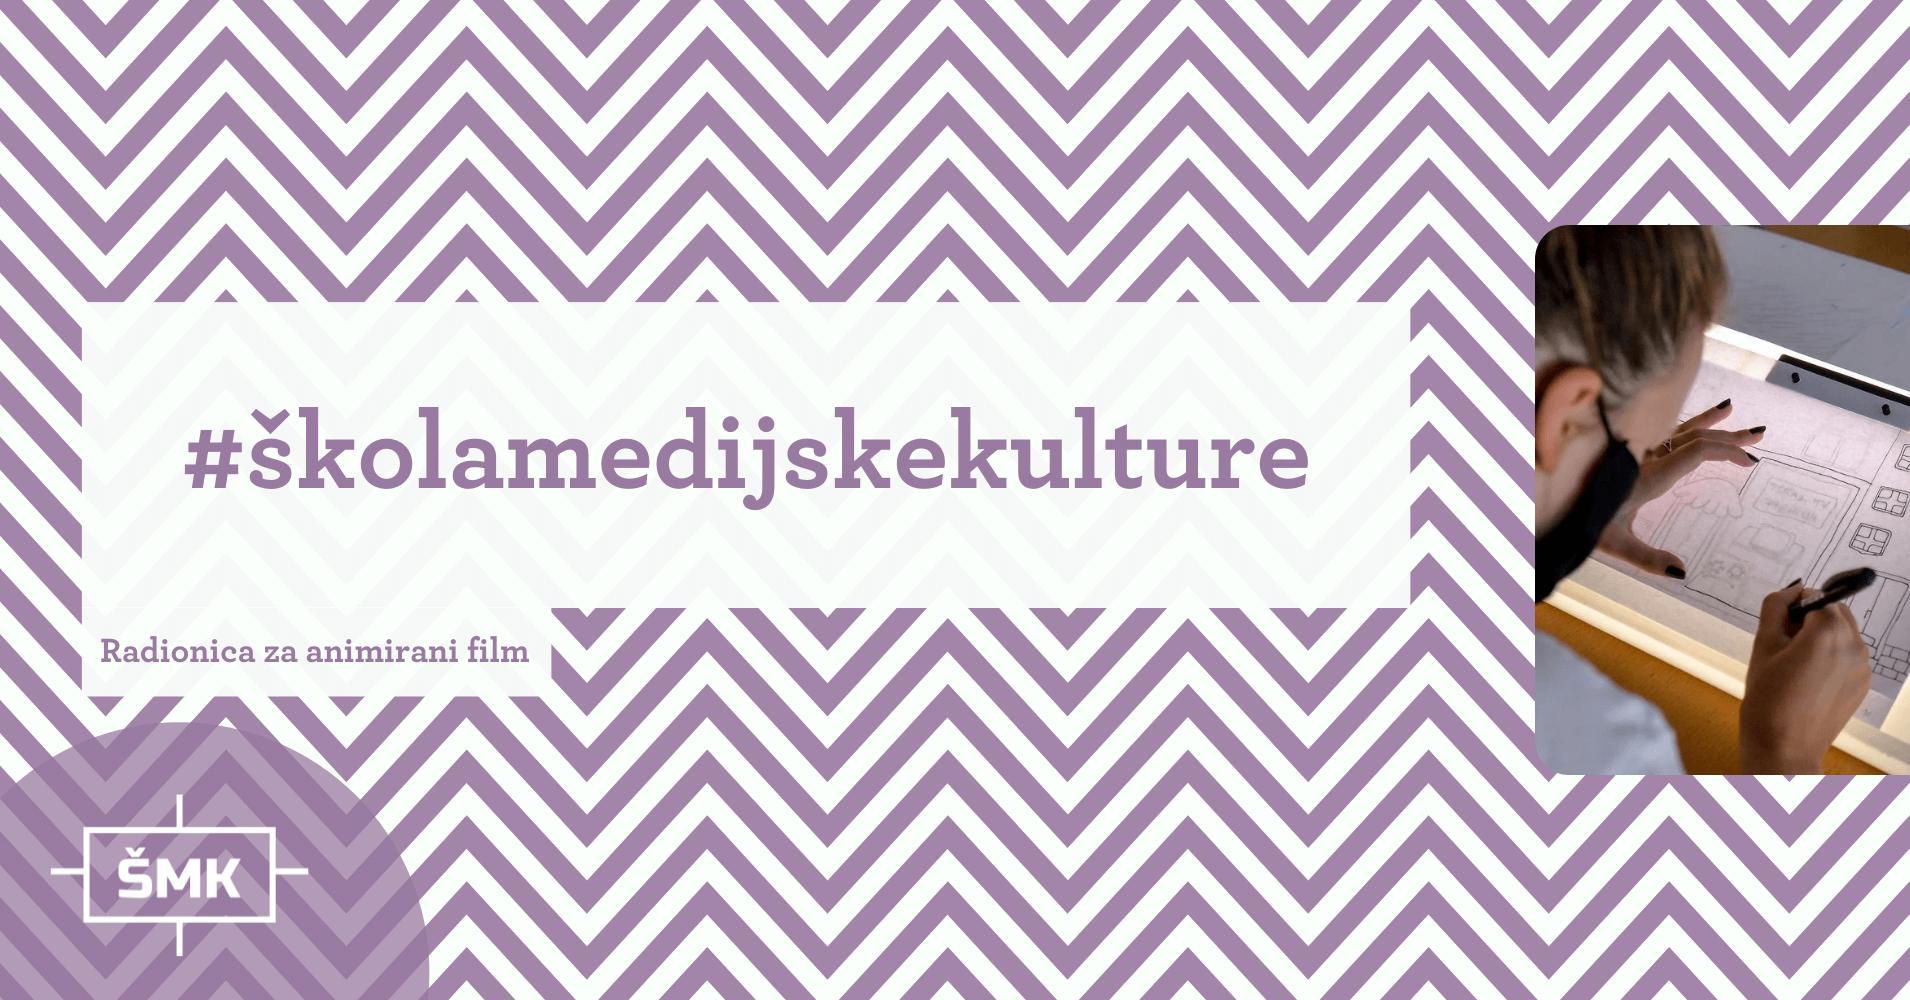 Radionica animiranog filma – Jasminka Bijelić Ljubić